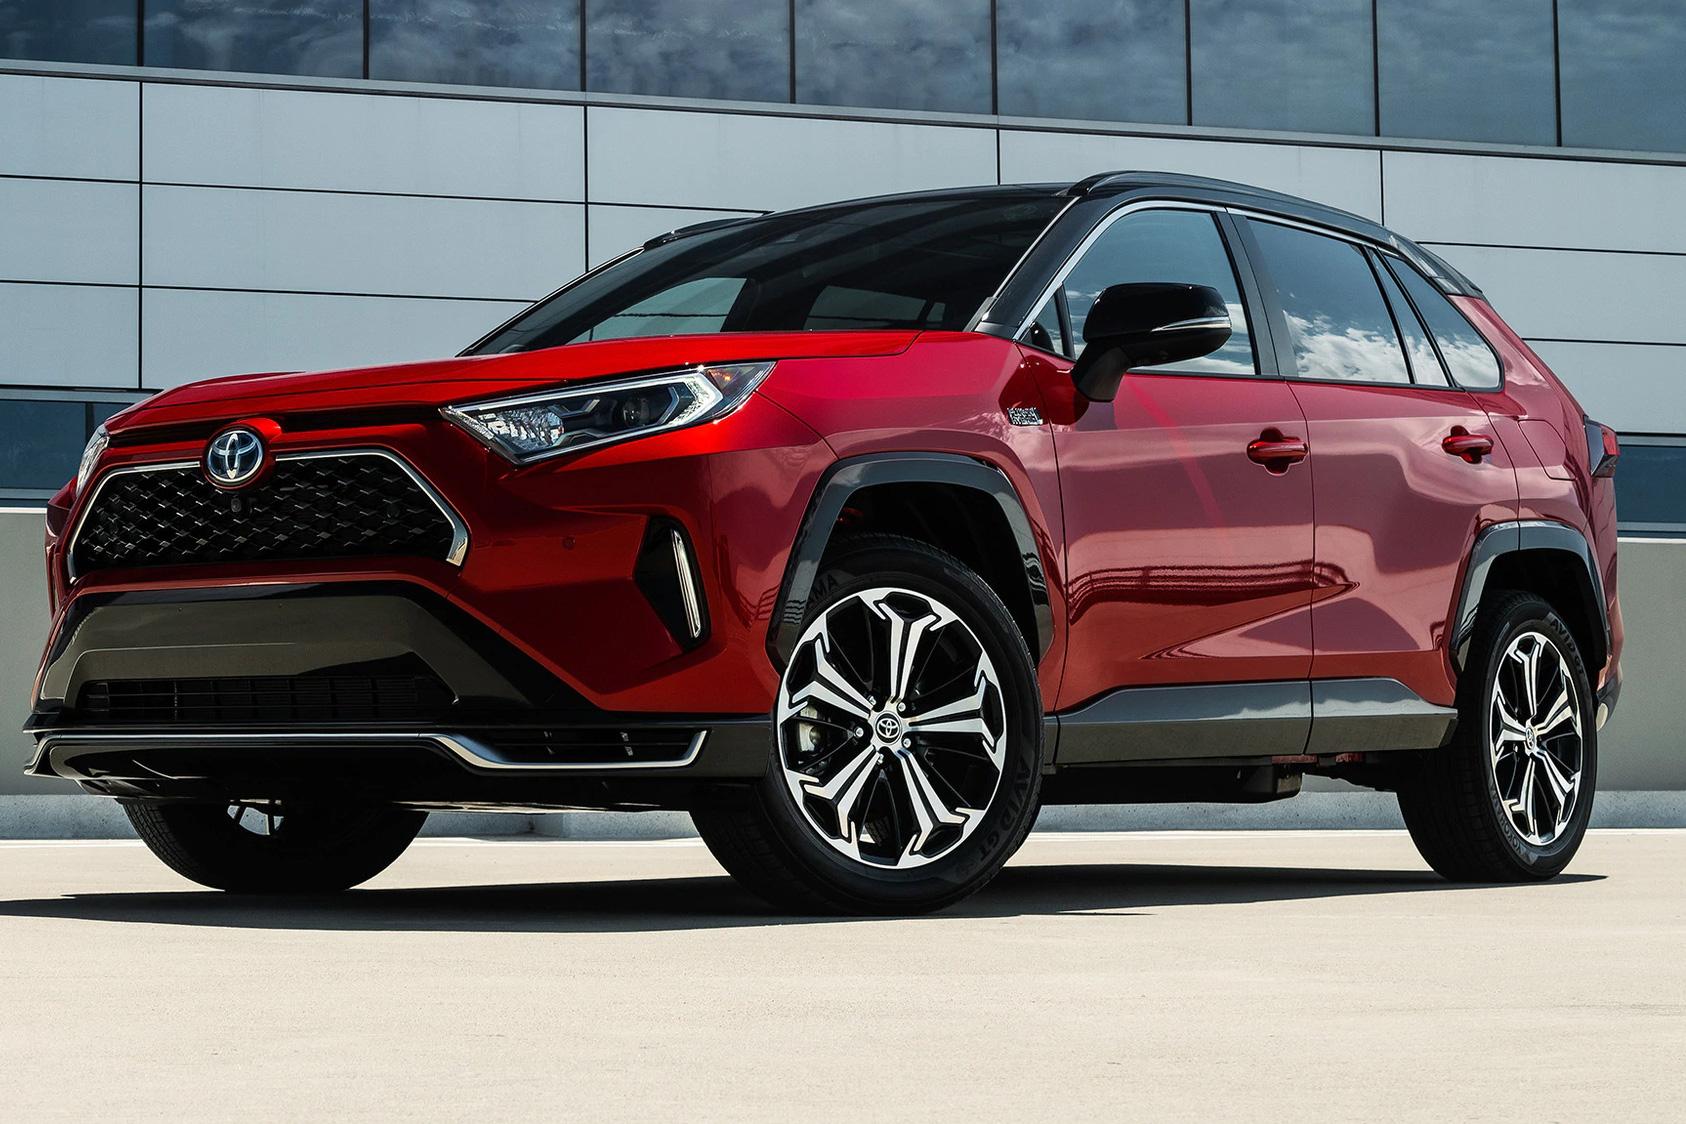 Toyota đóng cửa 9 nhà máy, dừng dây chuyền hàng loạt xe hot của cả Lexus